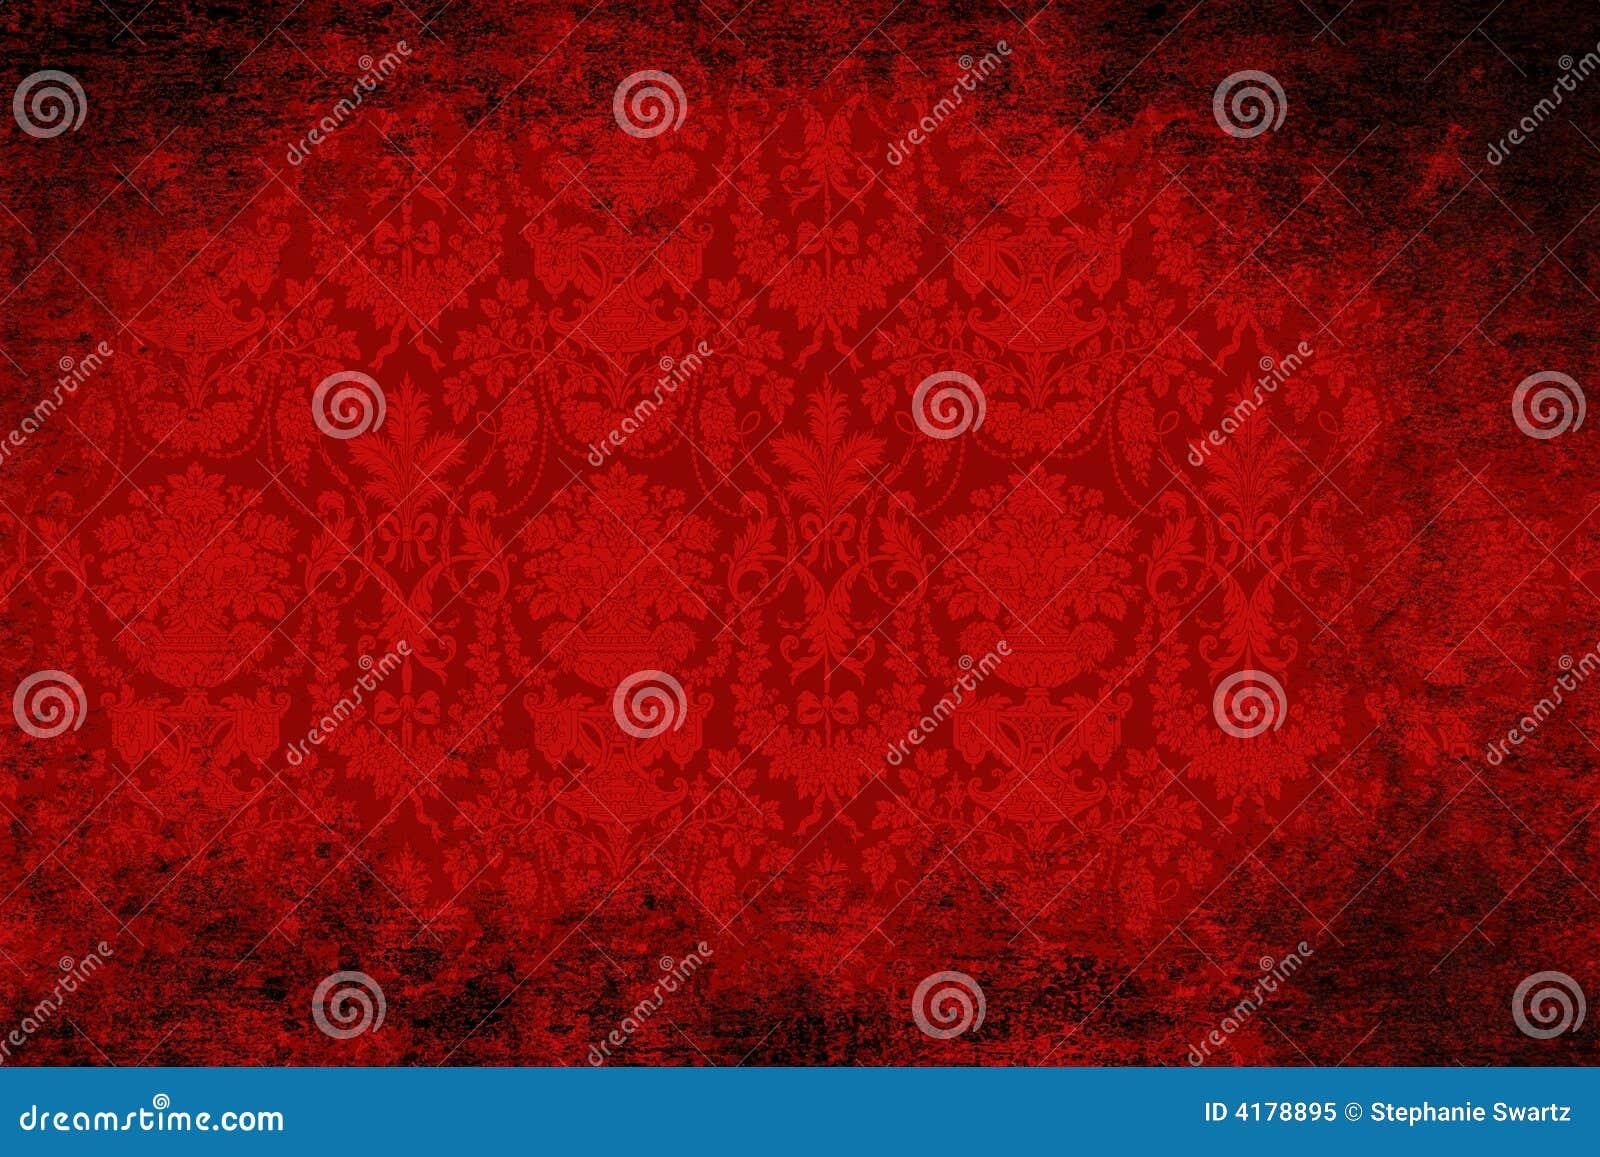 Carta da parati rossa del velluto illustrazione di stock for Carta da parati in velluto